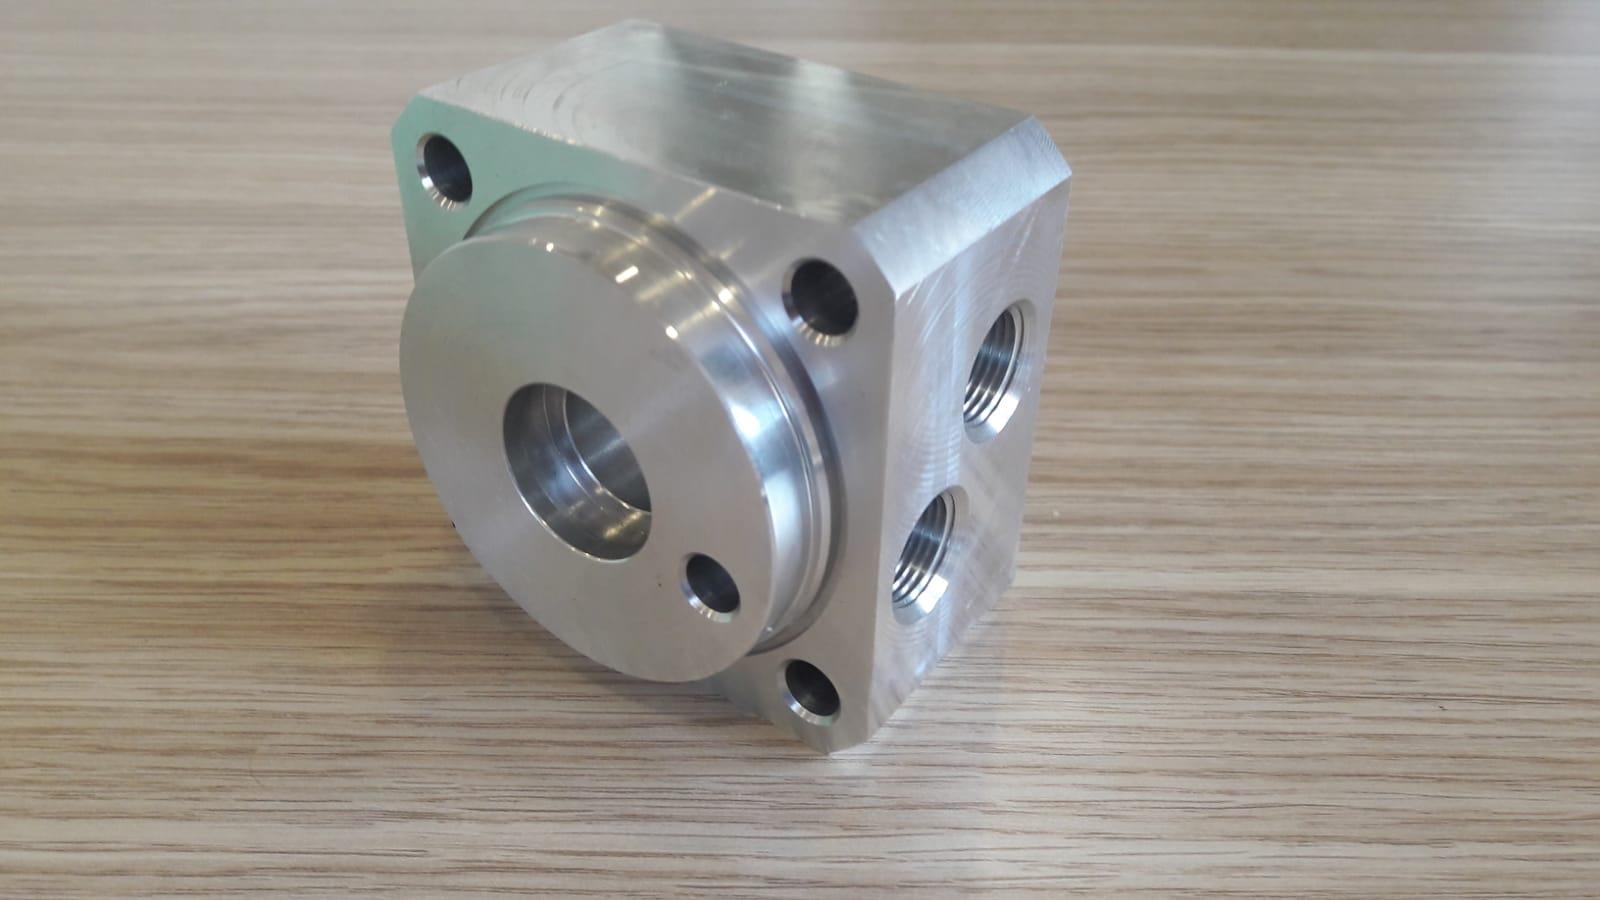 CNC-Drehmaschine und CNC-Bearbeitungskopf-one